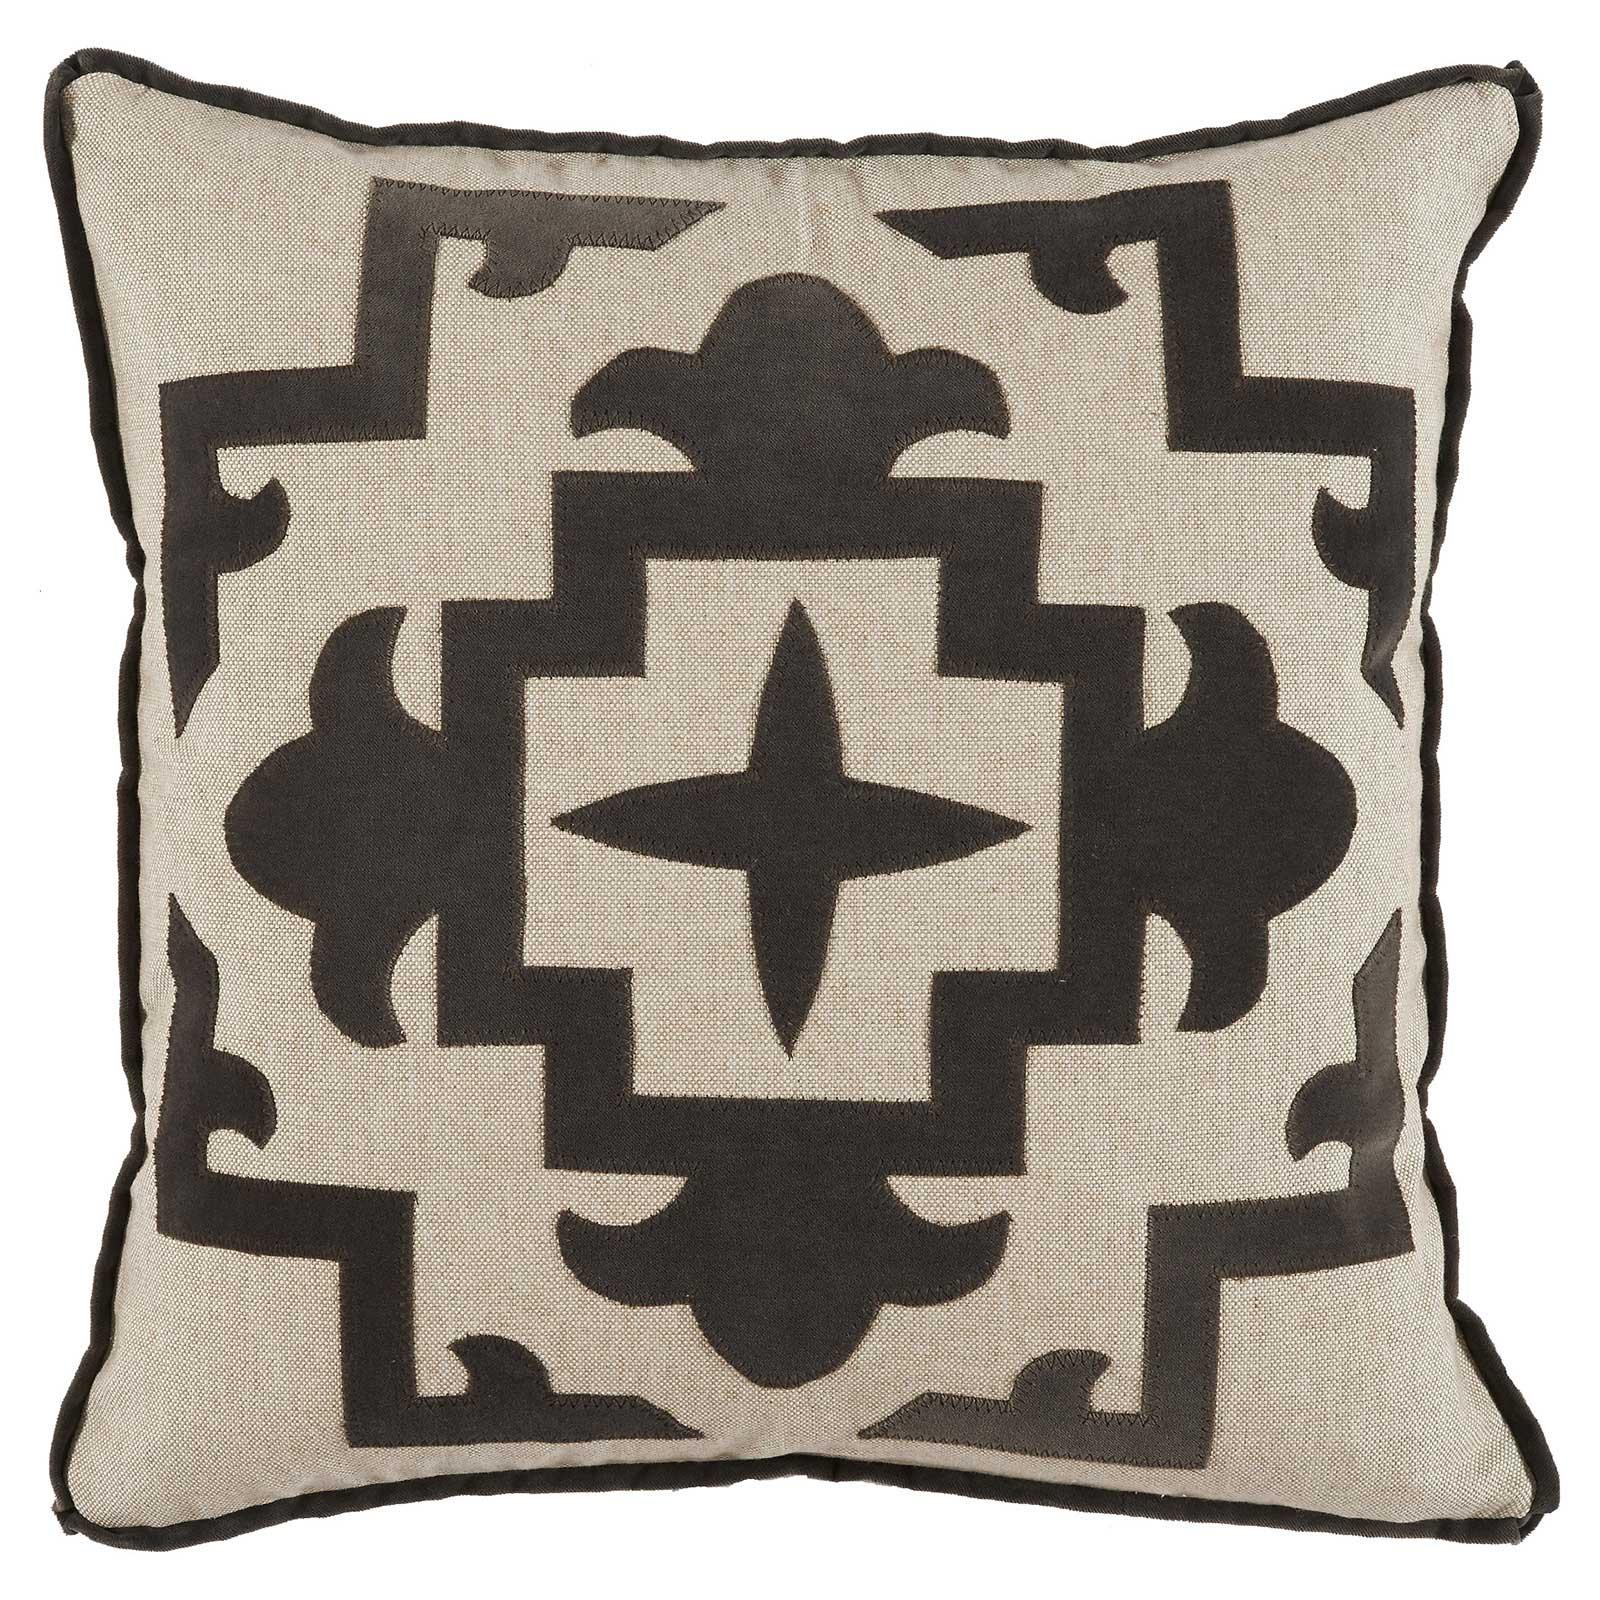 Libby Modern Classic Charcoal Velvet Medallion Pillow - 22x22